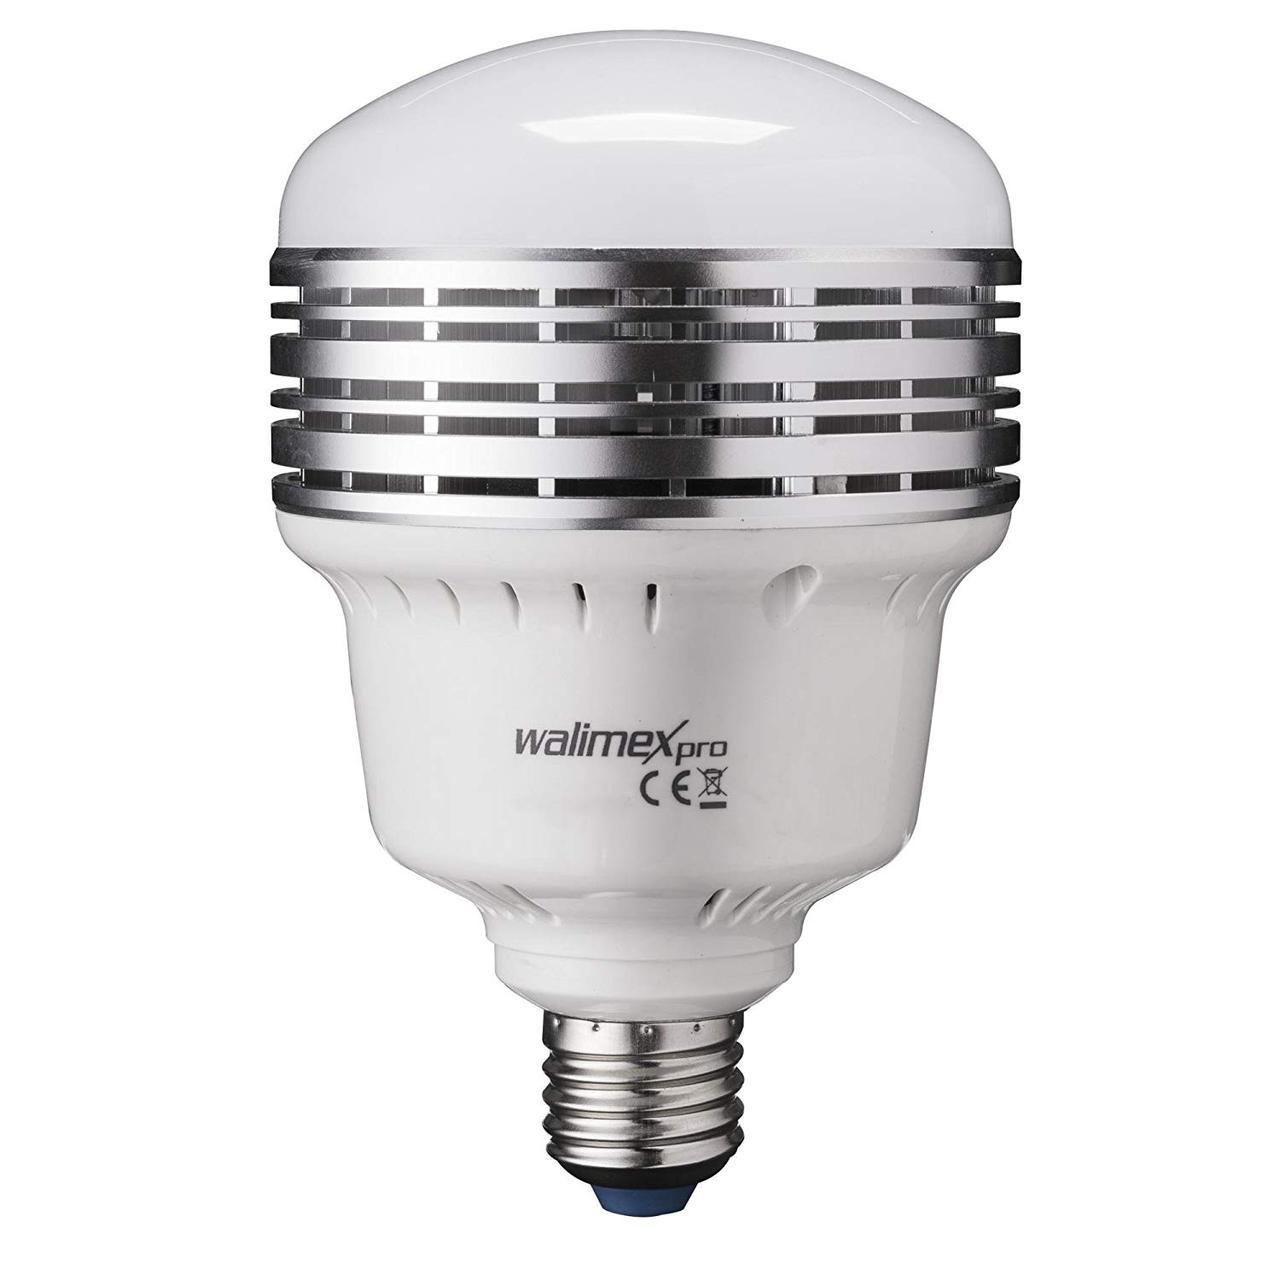 Светодиодная лампа walimex pro LB-45-L 45W